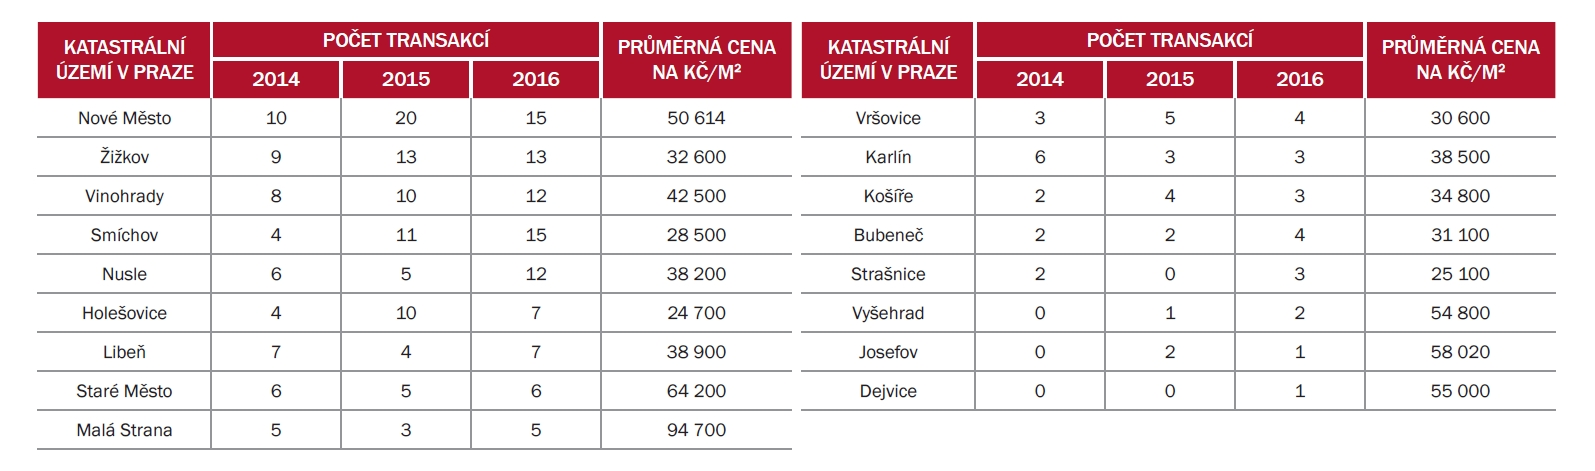 Počty prodaných bytových domů v Praze. Průměrné ceny byly spočítány poměrem dosažené kupní ceny a celkových ploch v budově. U většiny budov má zpracovatel tyto plochy k dispozici z vlastních šetření, případně byly odvozeny běžným postupem vynásobením zastavěné plochy počtem podlaží minus 20 % | Zdroj: Central Europe Holding a. s. z dat ČÚZK